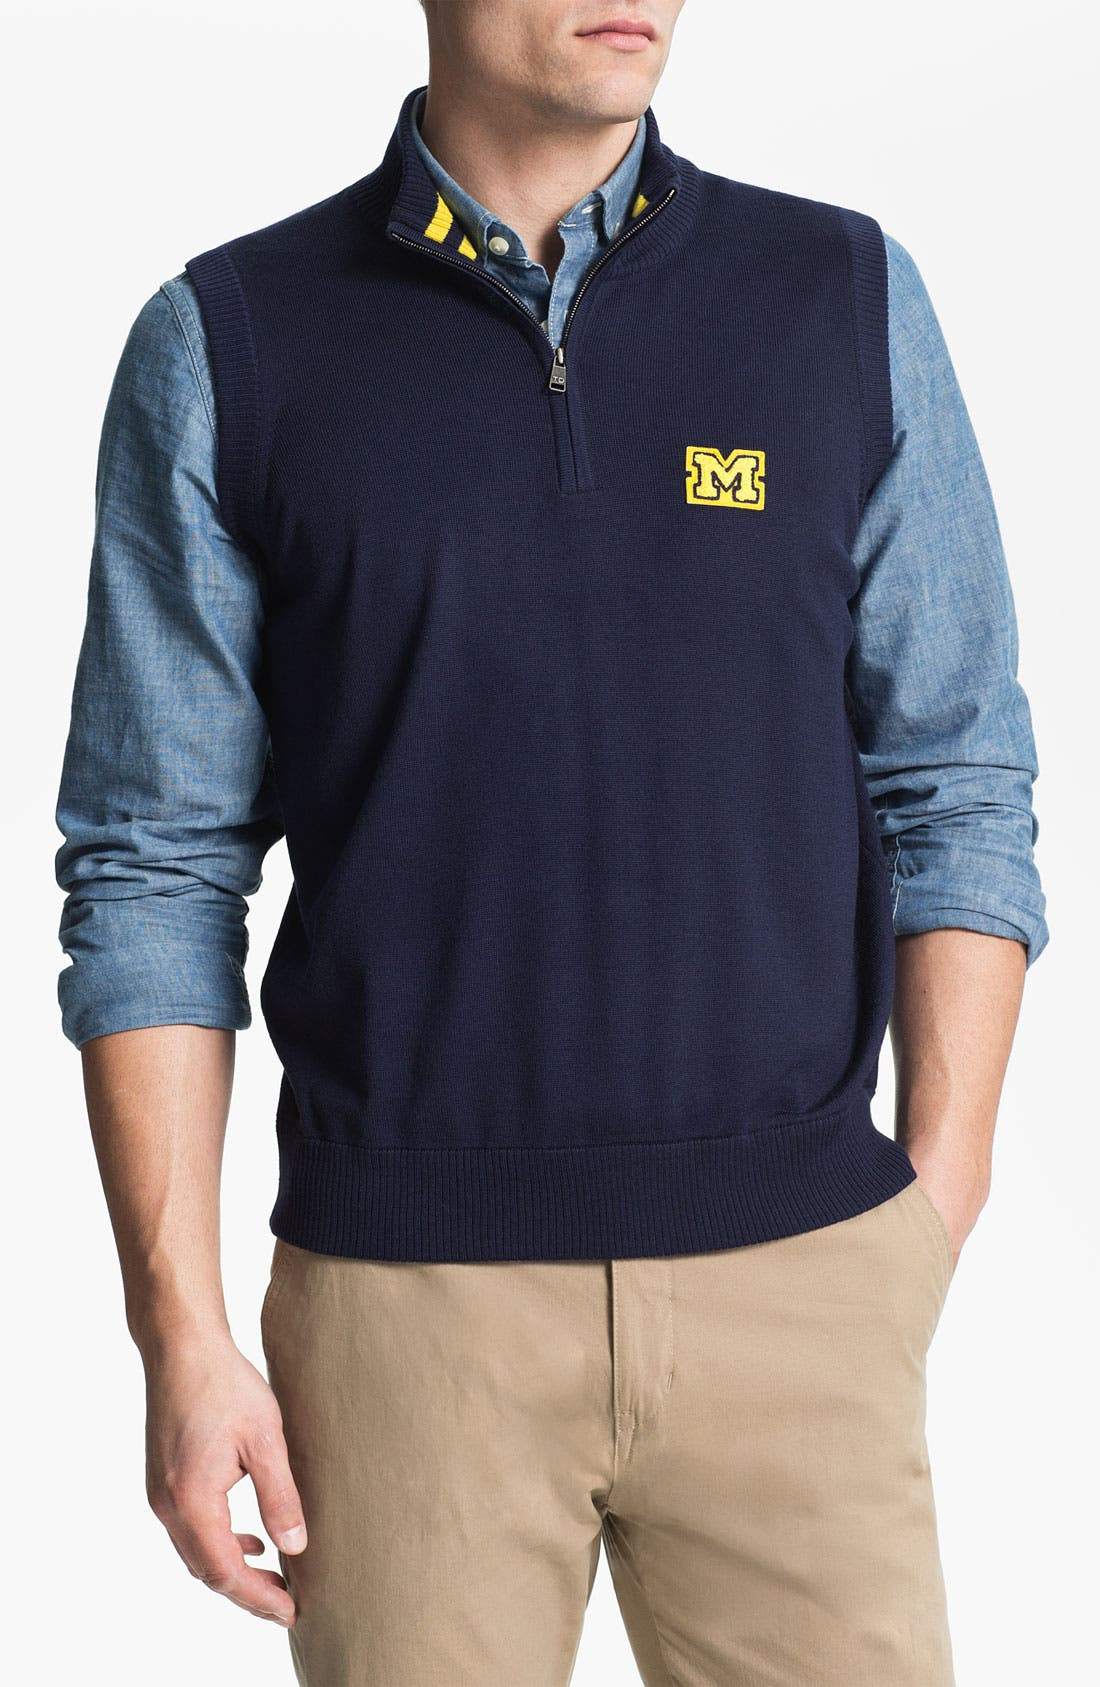 Main Image - Thomas Dean 'Michigan' Quarter Zip Sweater Vest